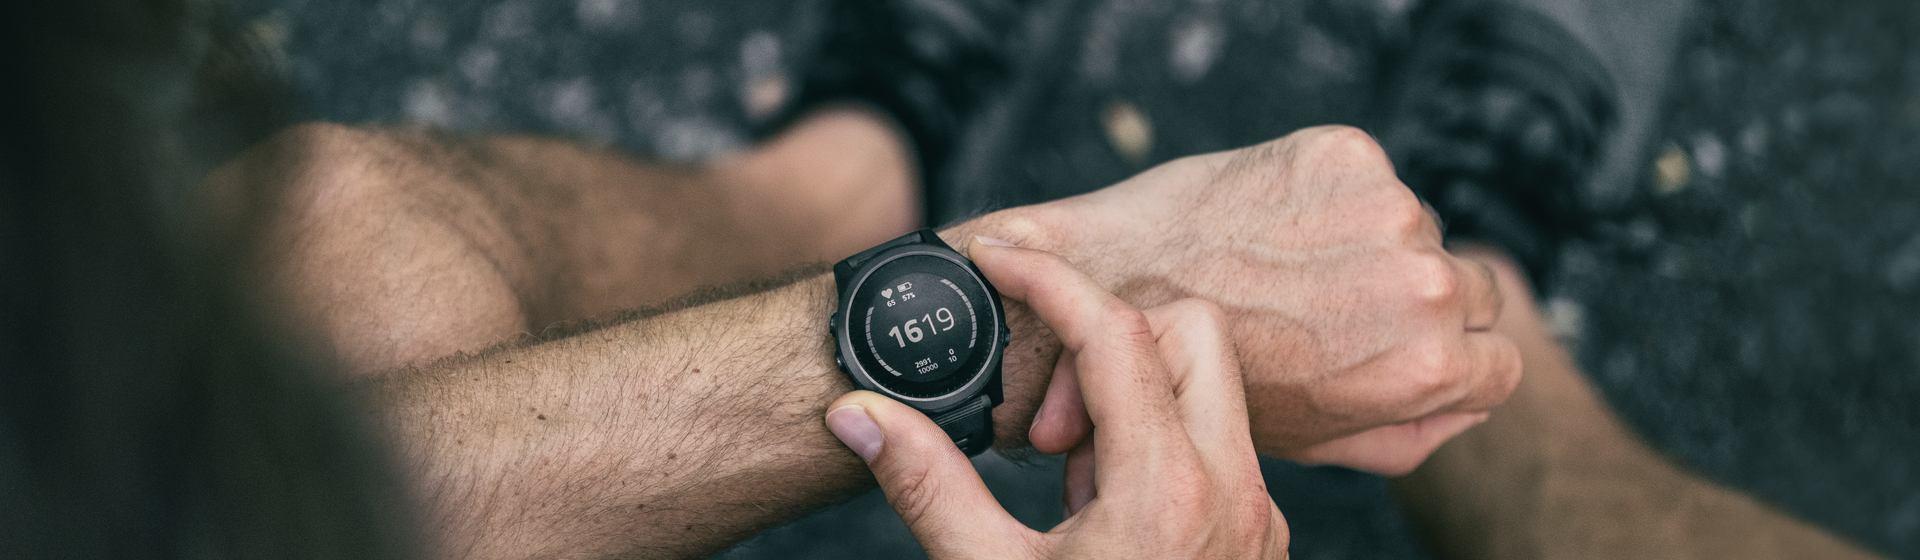 Melhor smartwatch: confira as opções para comprar em 2021